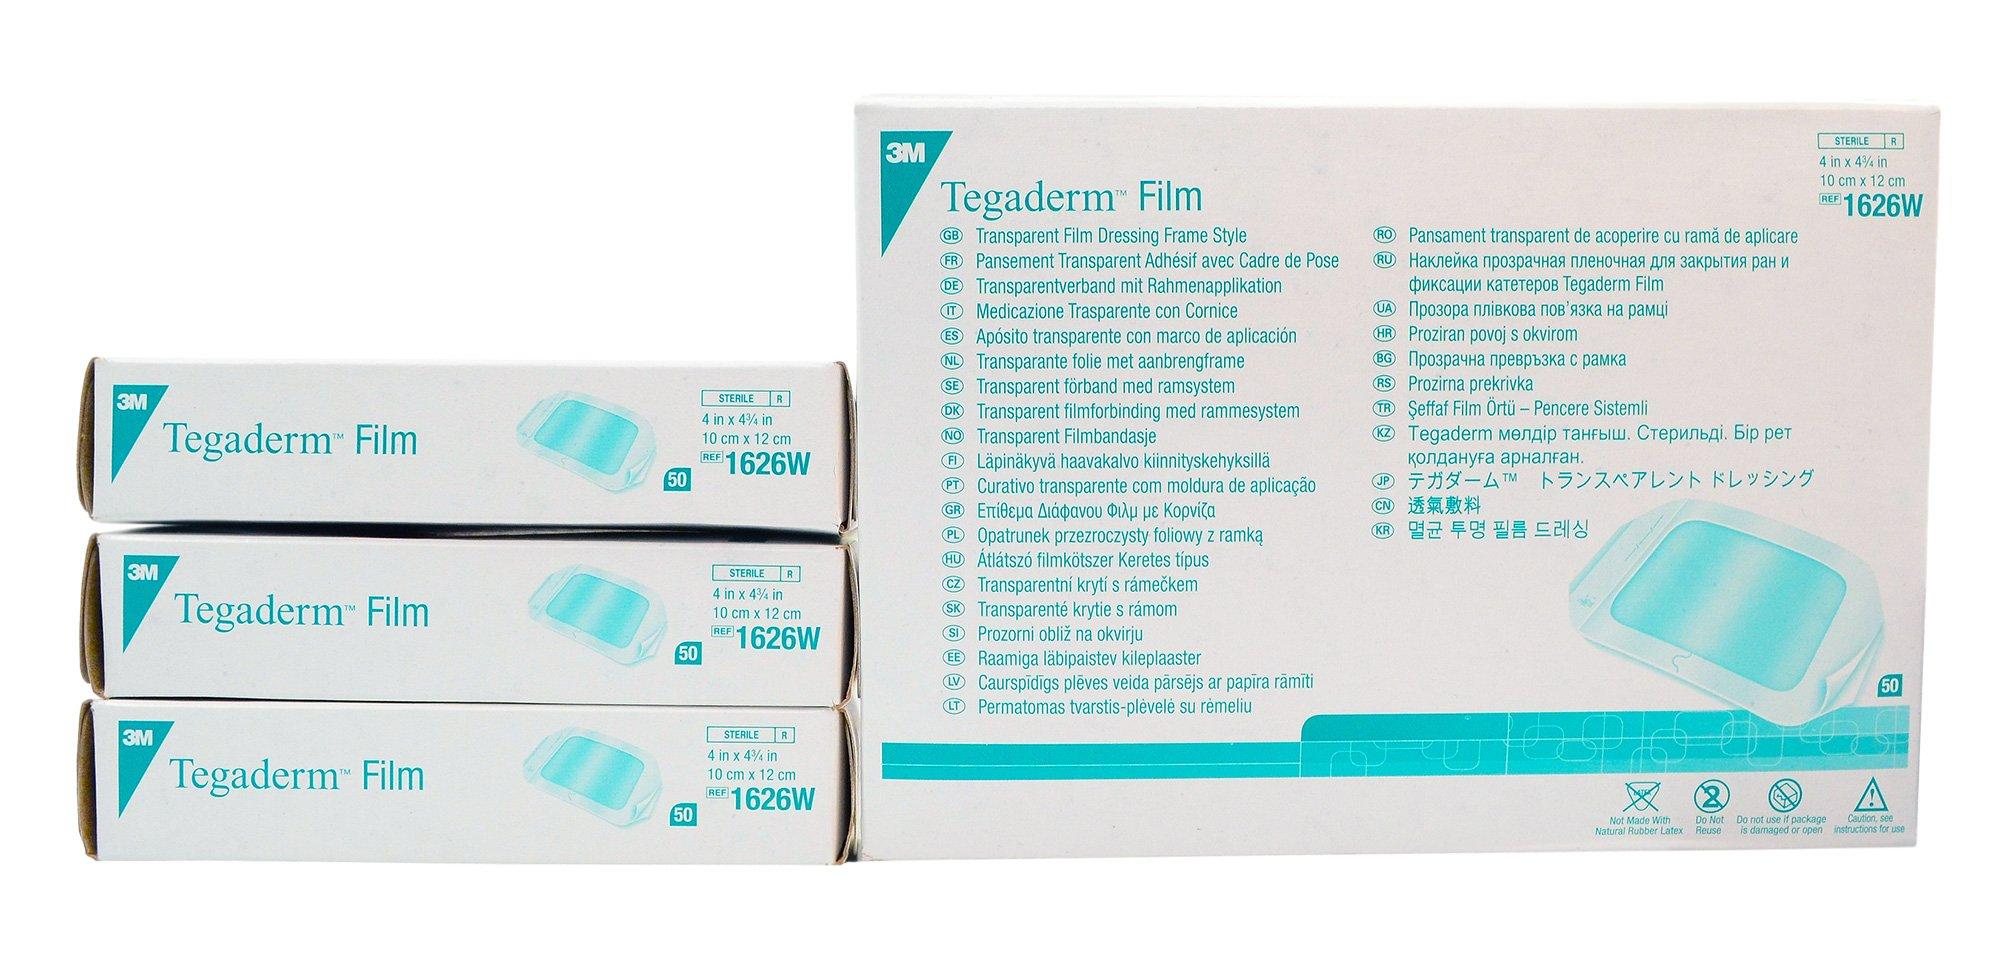 3m Tegaderm Transparent Film Dressing - 4'' x 4-3/4'' - - Case of 200